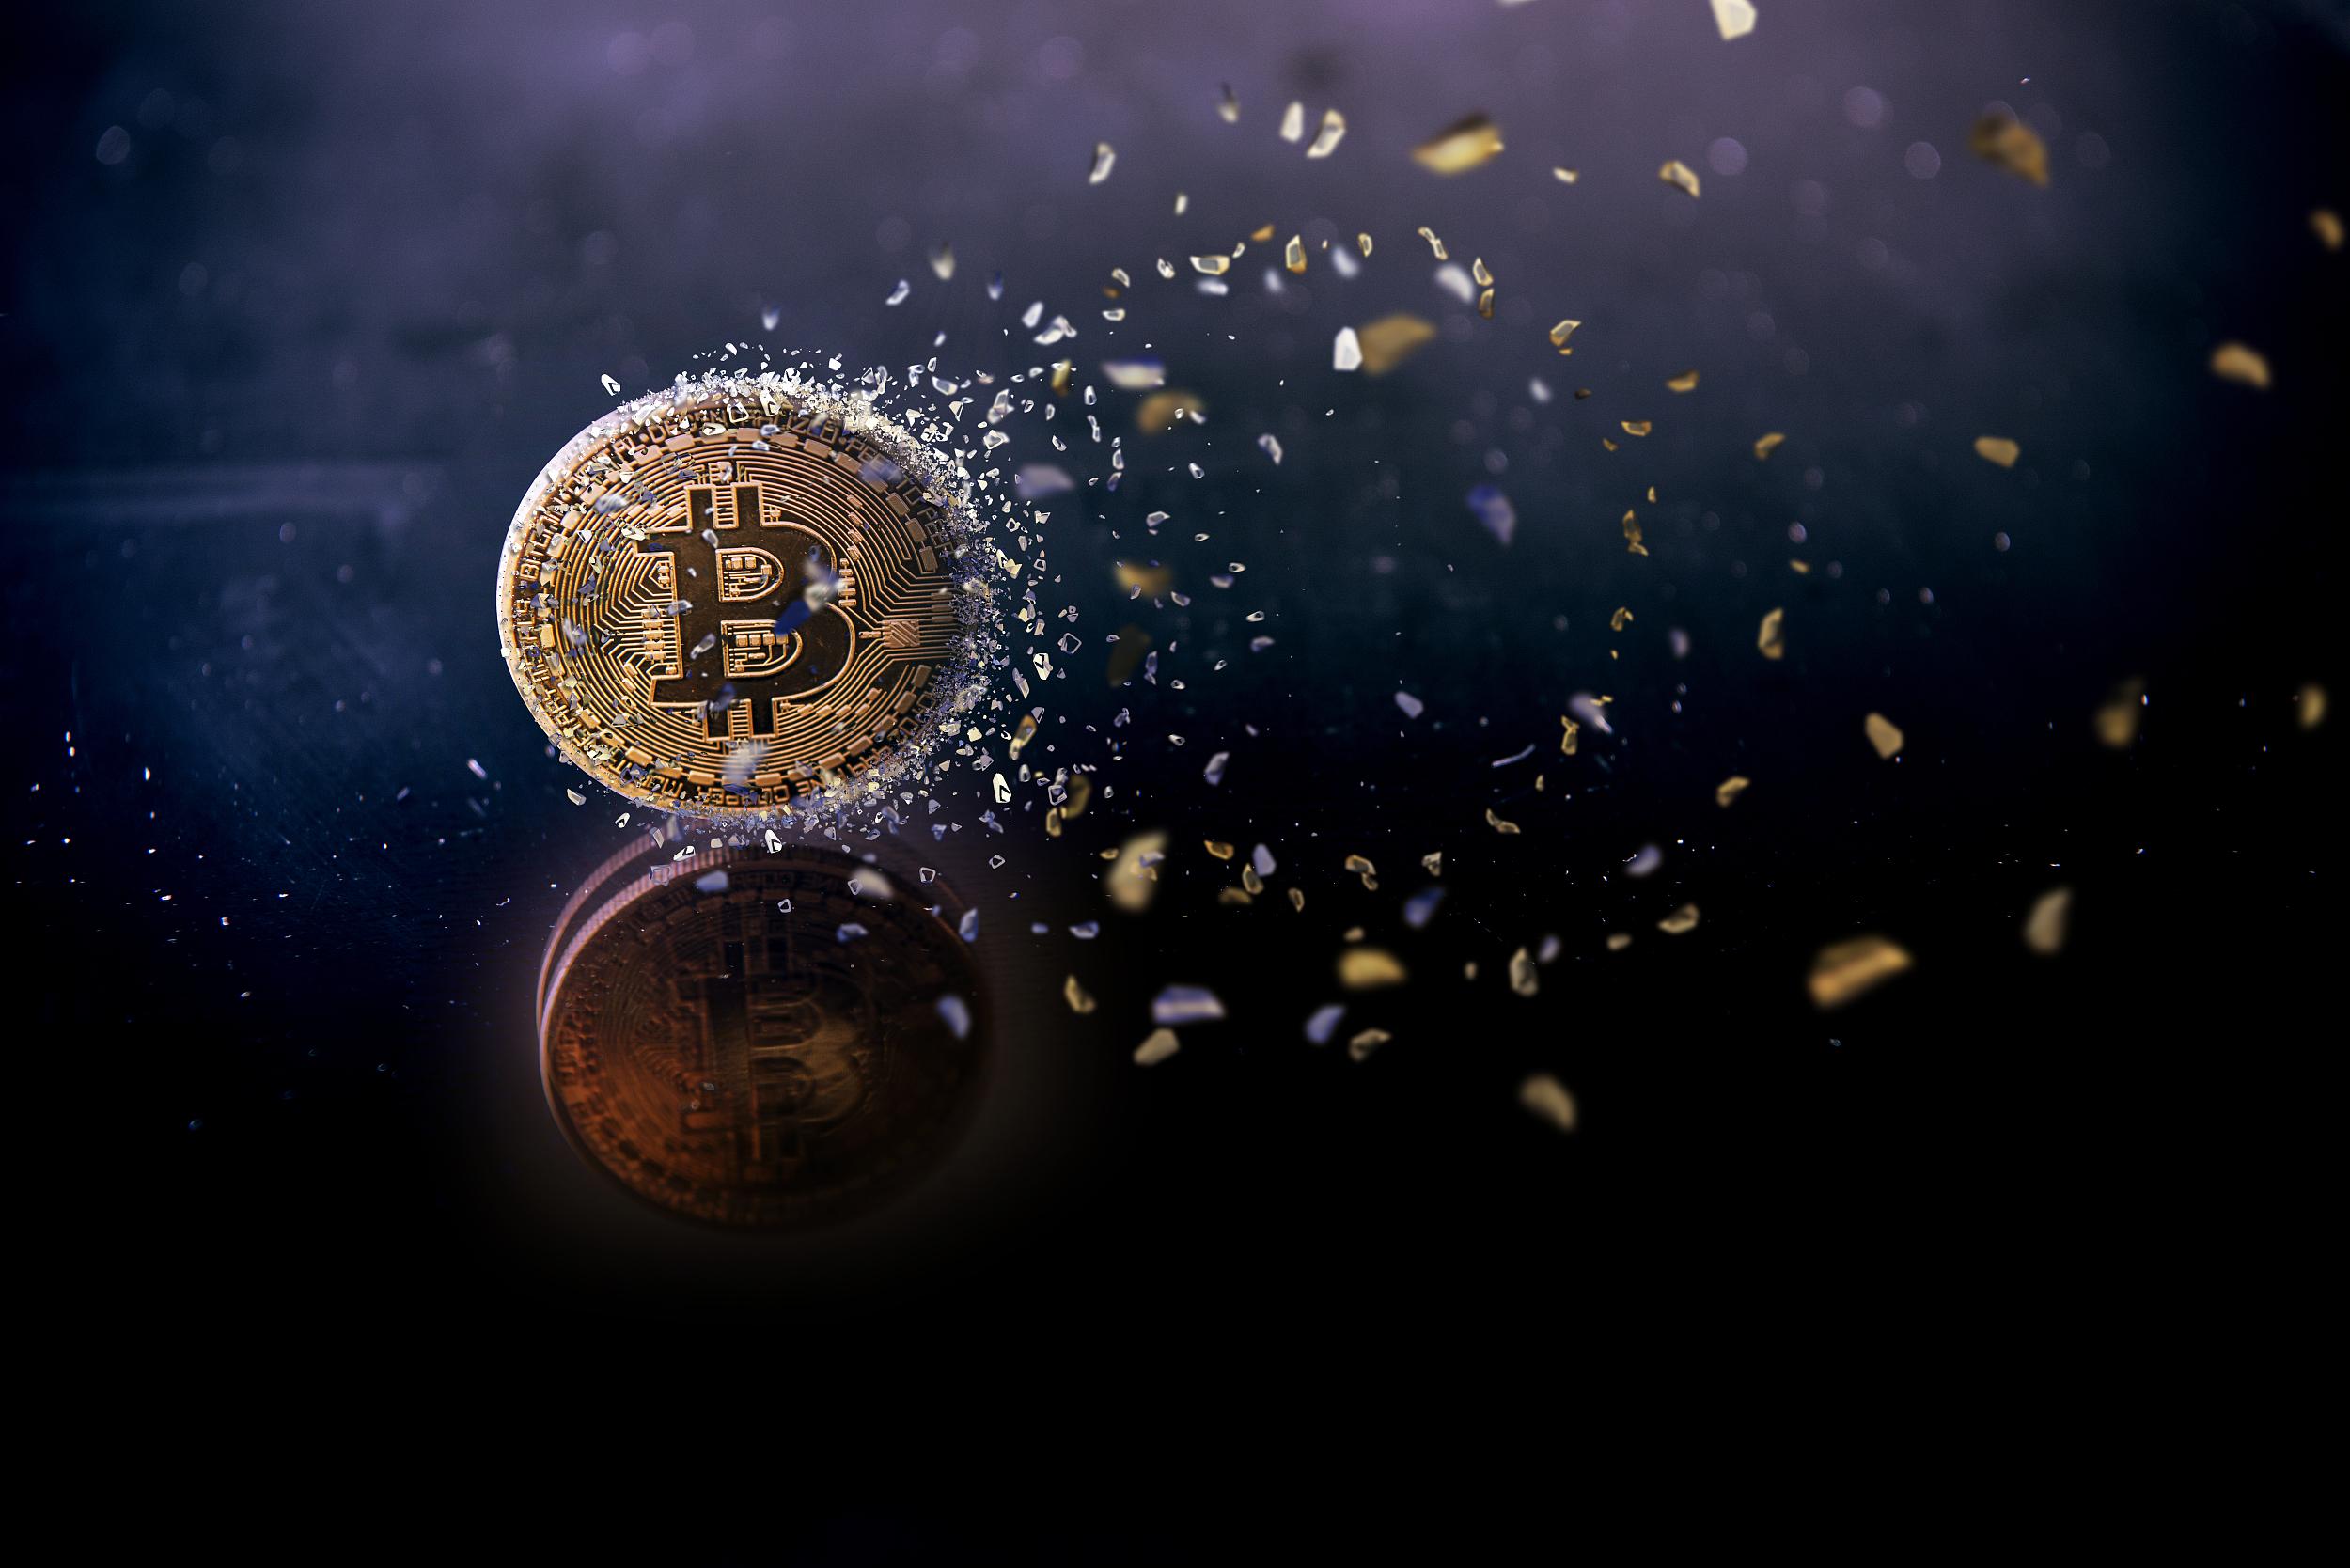 全崩了!数字货币市场惨遭血洗,1万亿美元灰飞烟灭,发生了什么?